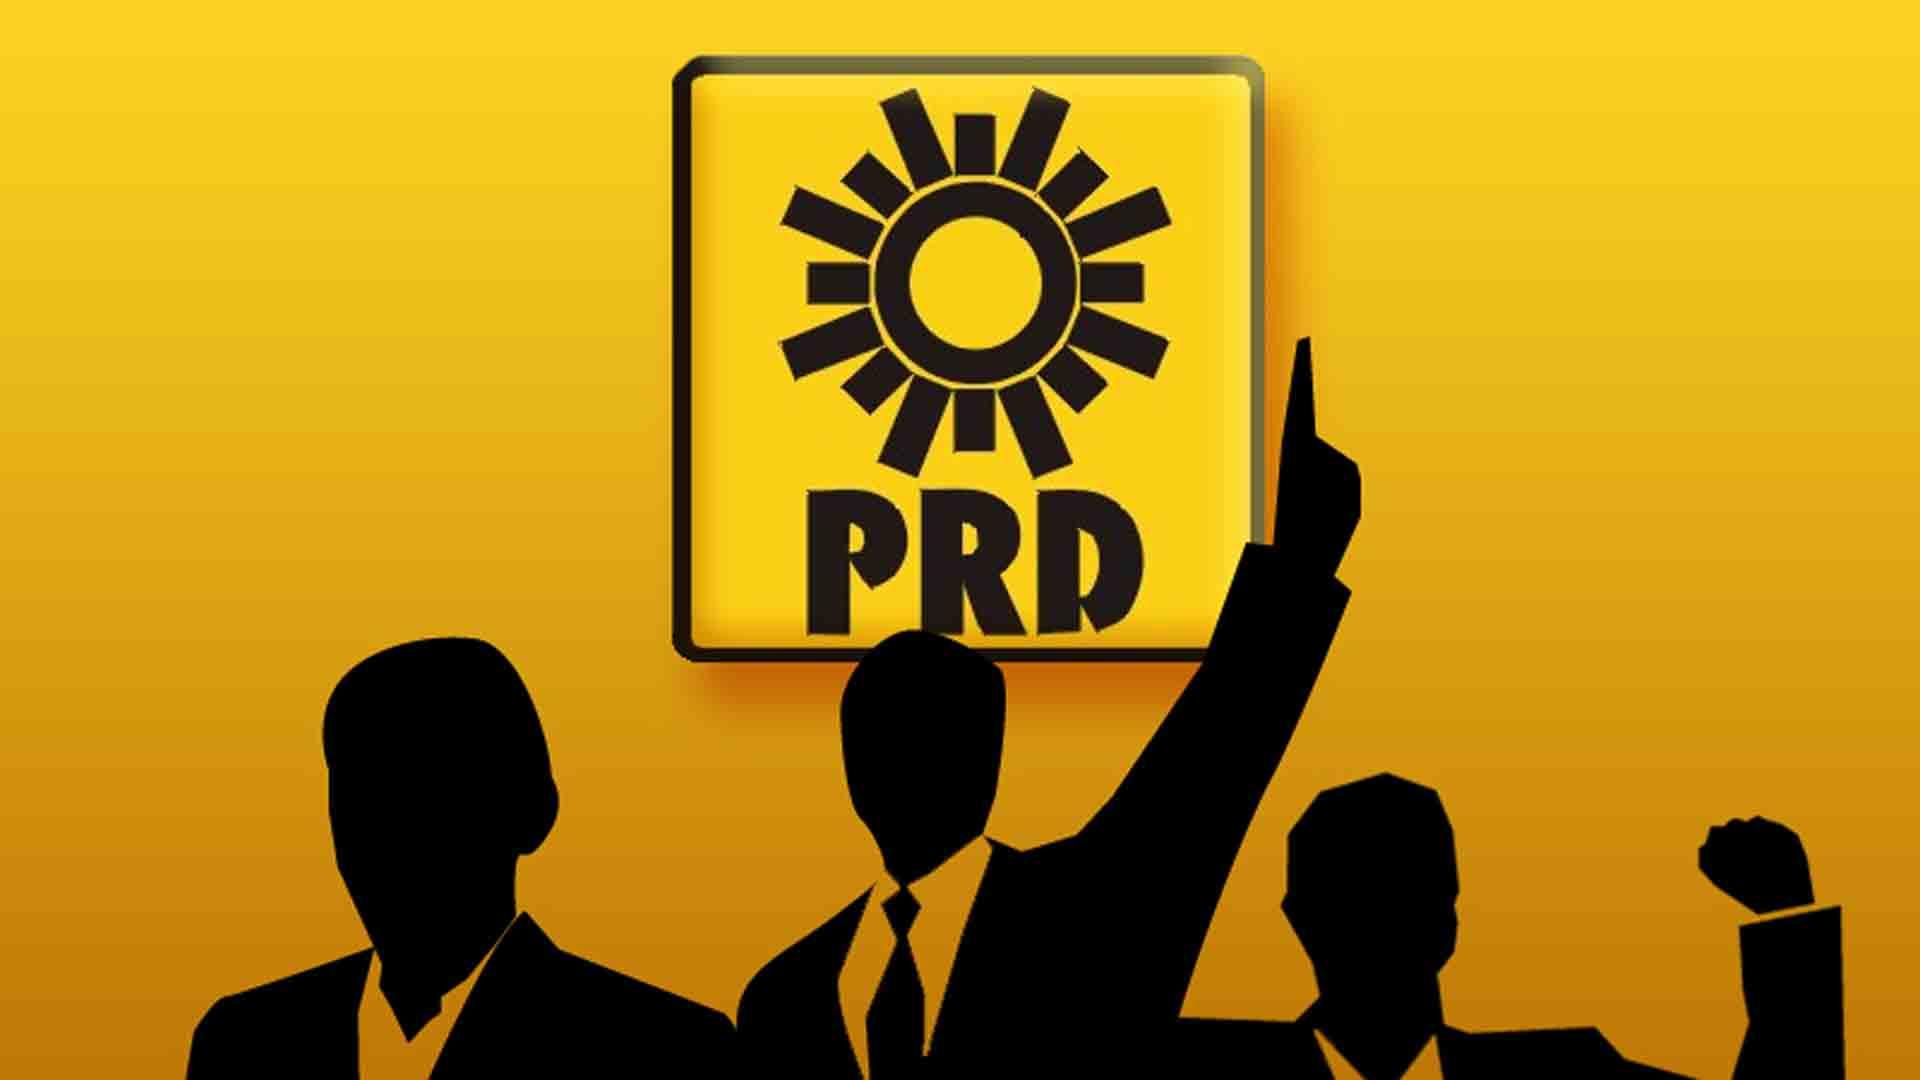 El PRD define hoy el método para elegir a sus candidatos